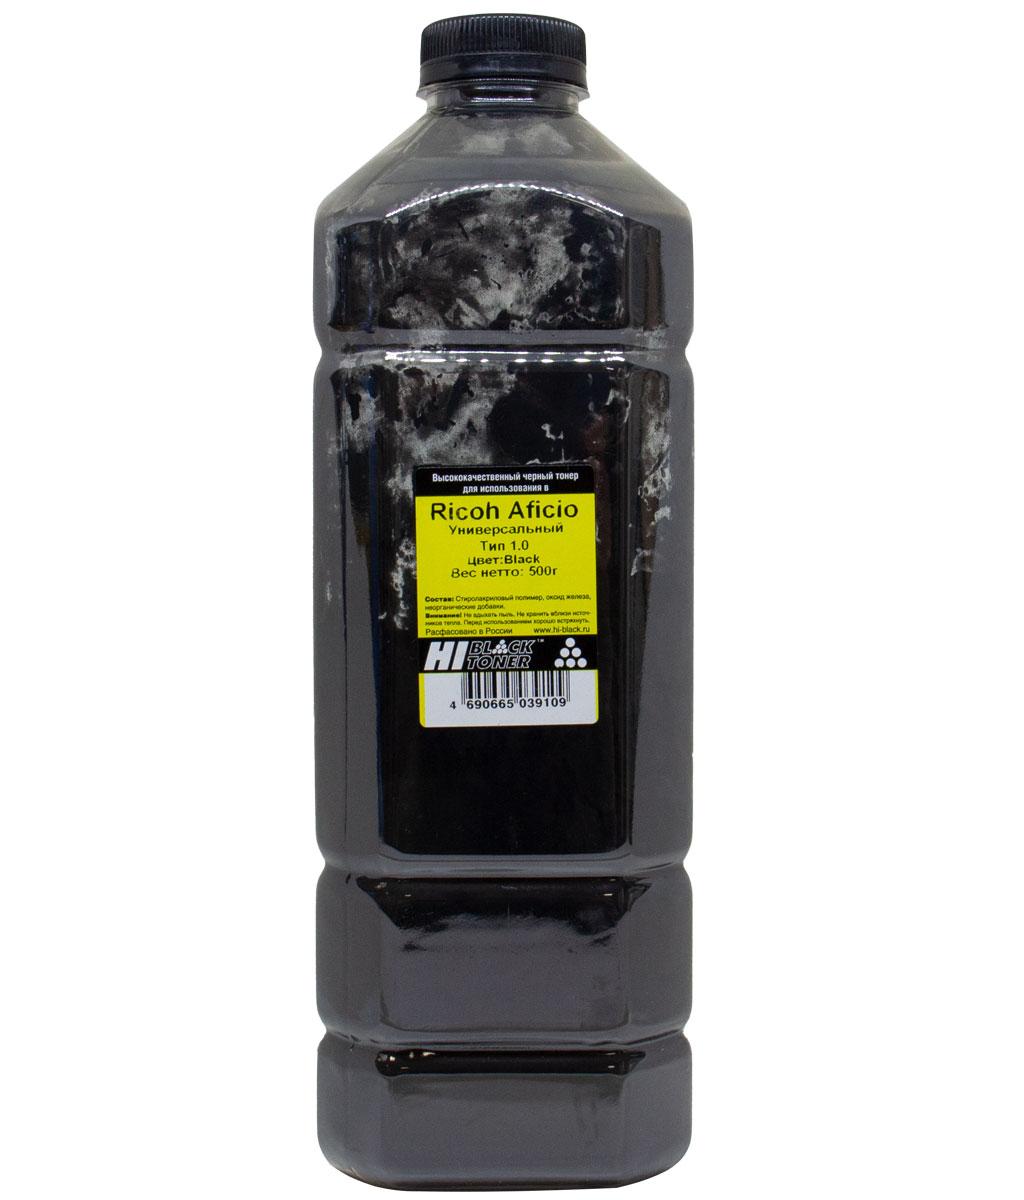 Тонер Hi-Black Универсальный для Ricoh Aficio Color, Тип 1.0,Bk, 500 г, канистра